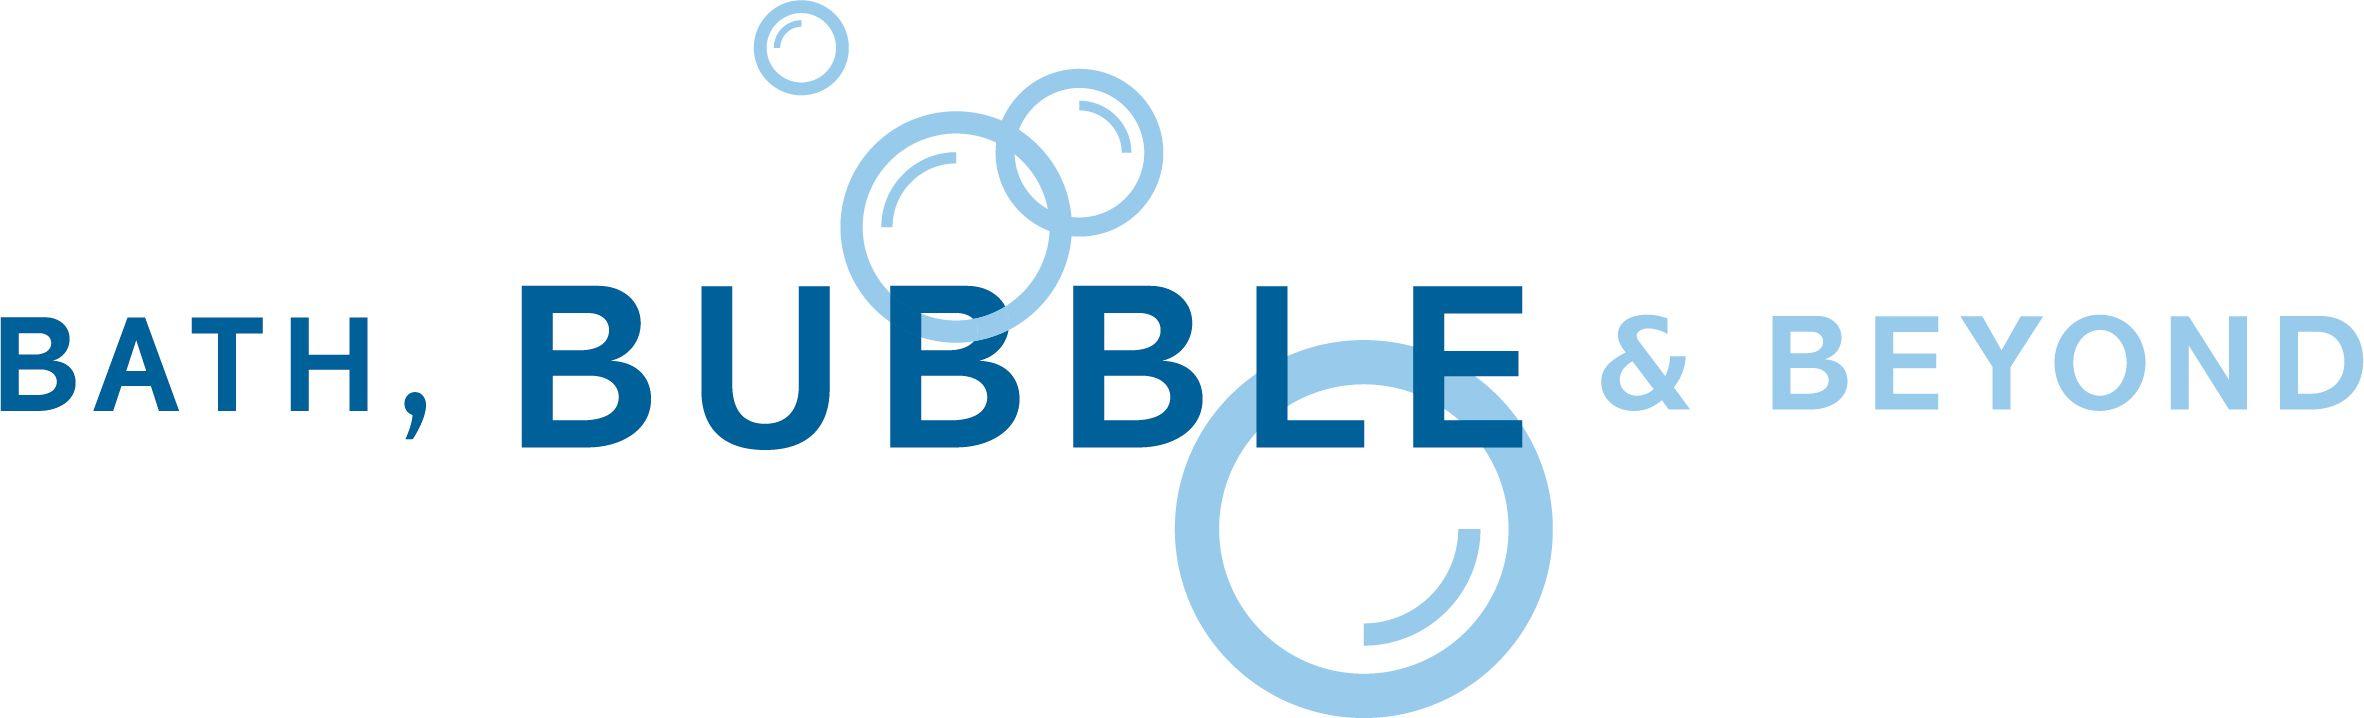 Bath Bubble & Beyond